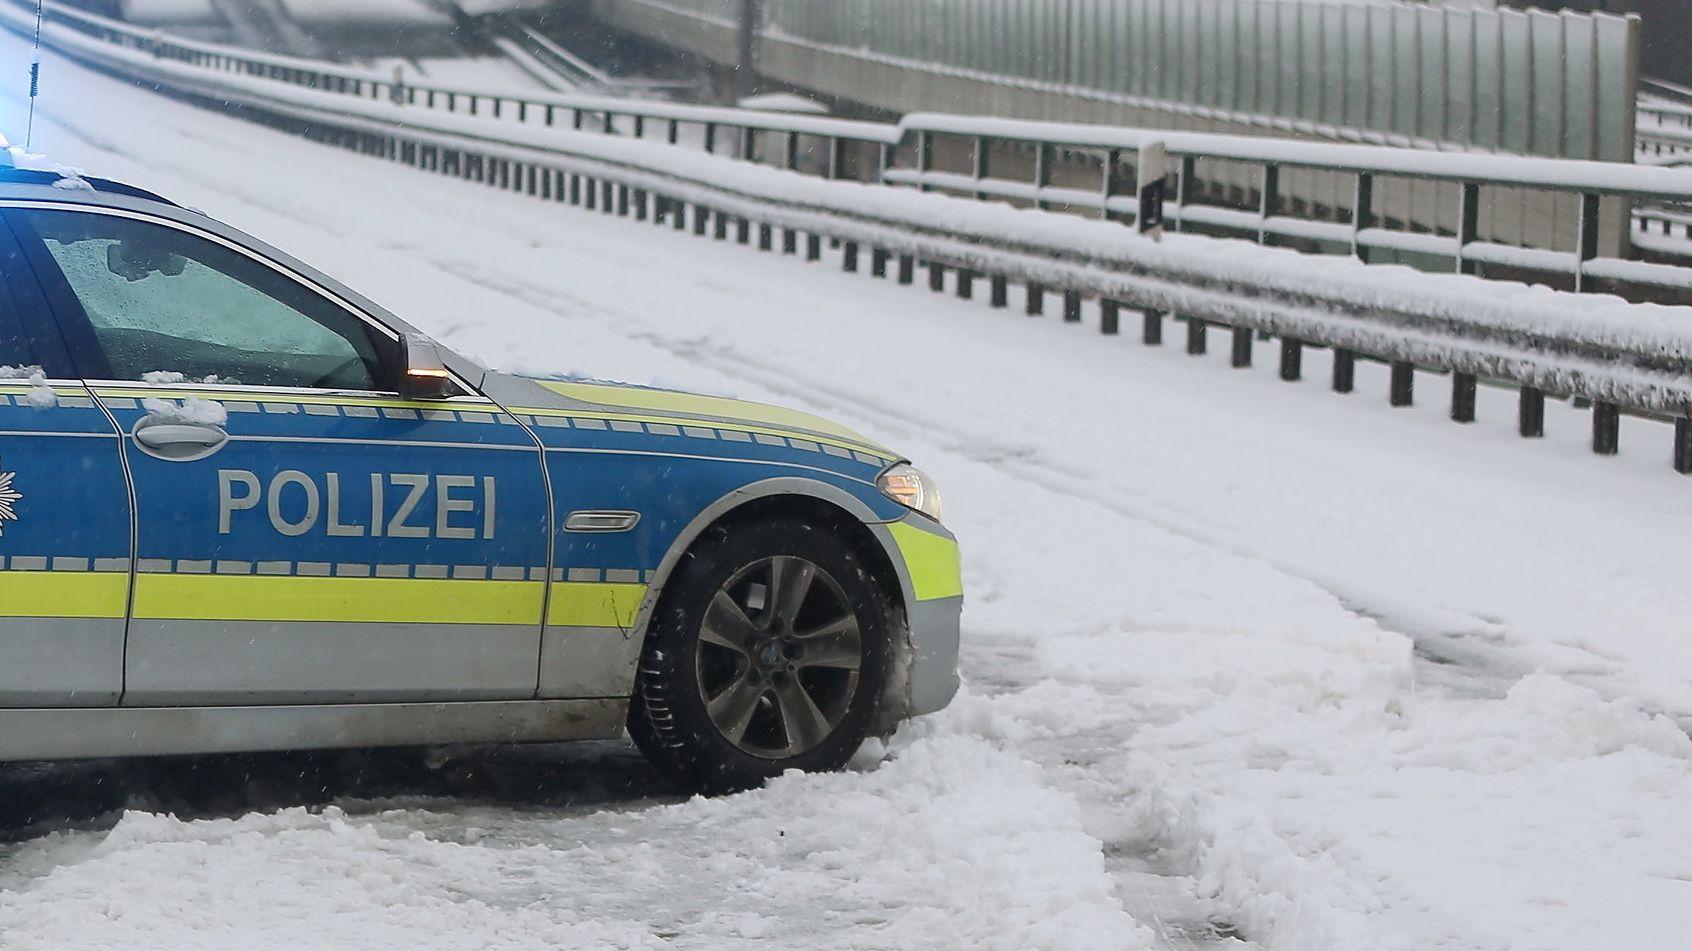 Polizeiauto im Schnee (Symboldbild)